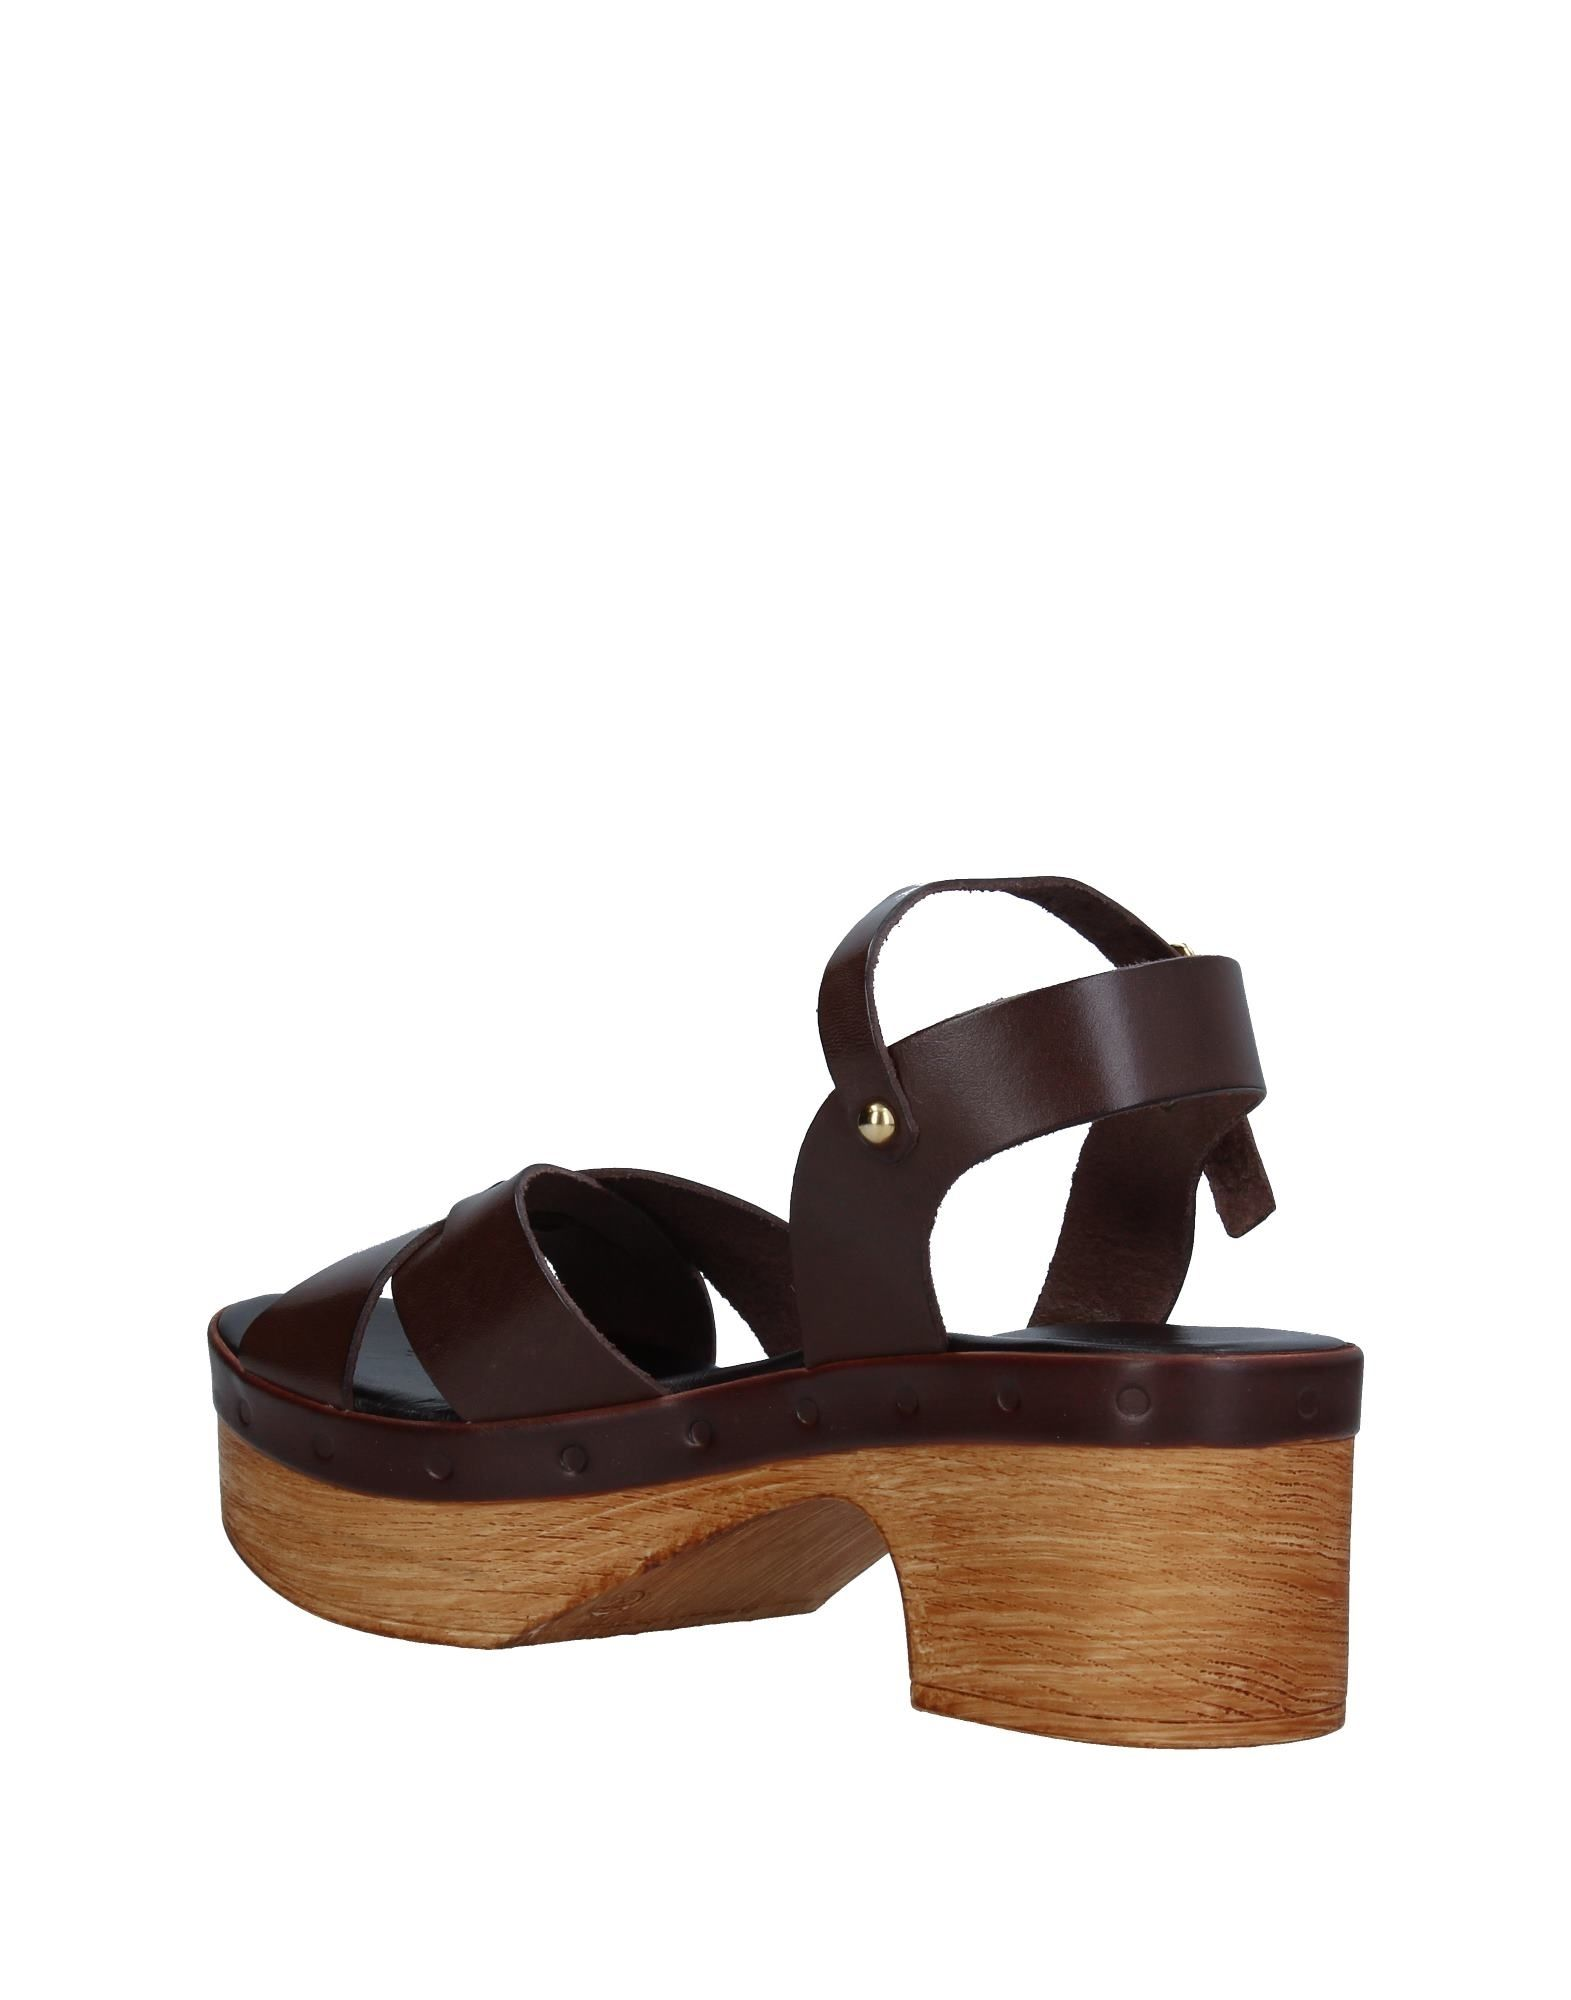 Unlace Sandalen Damen  11377963SH Gute Qualität beliebte Schuhe